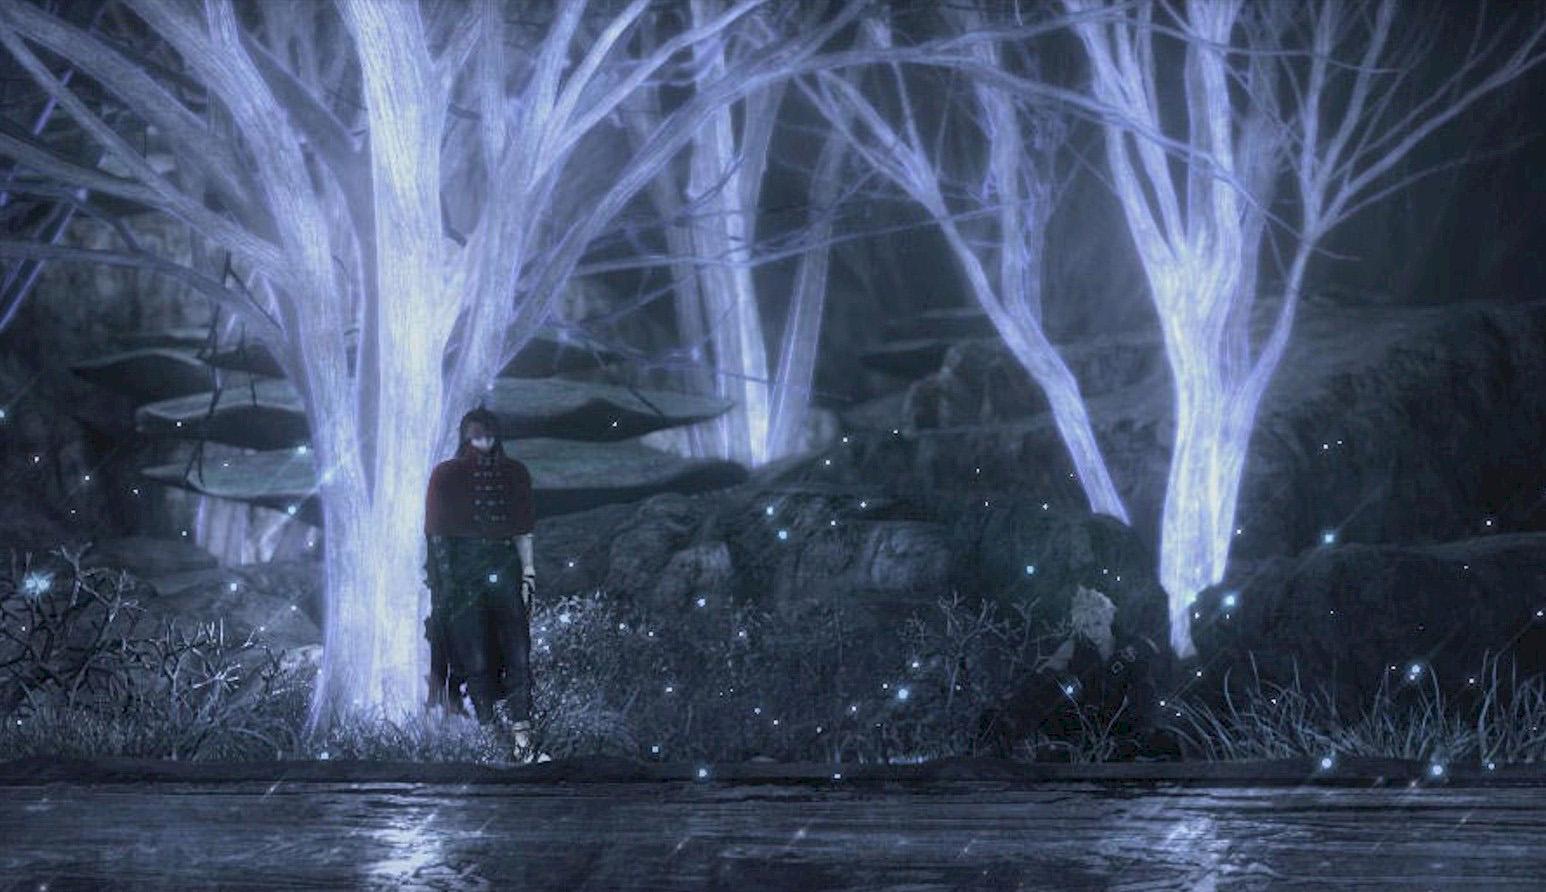 http://static.zerochan.net/Final.Fantasy.VII.full.26152.jpg